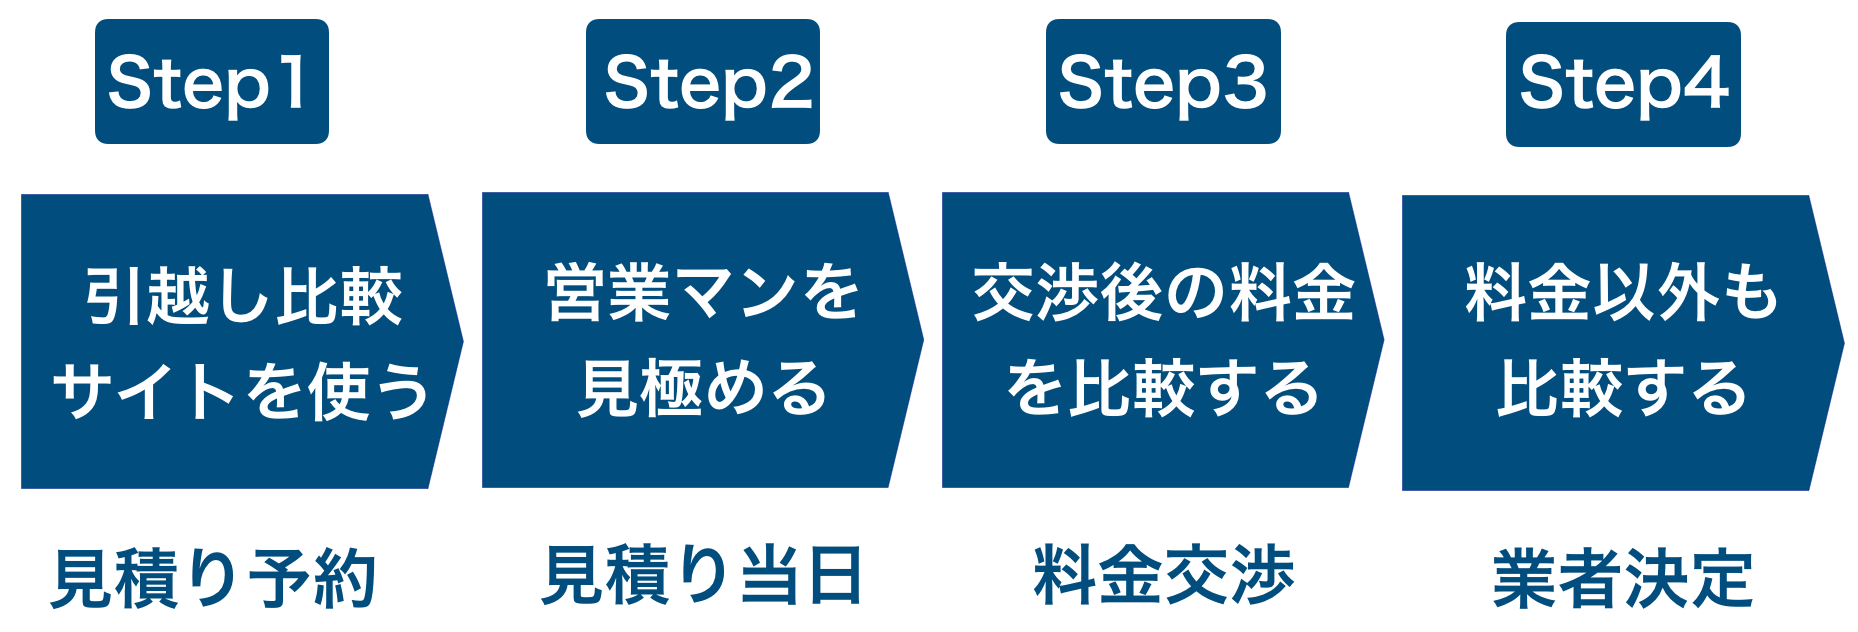 引越し業者を探す4つのステップ